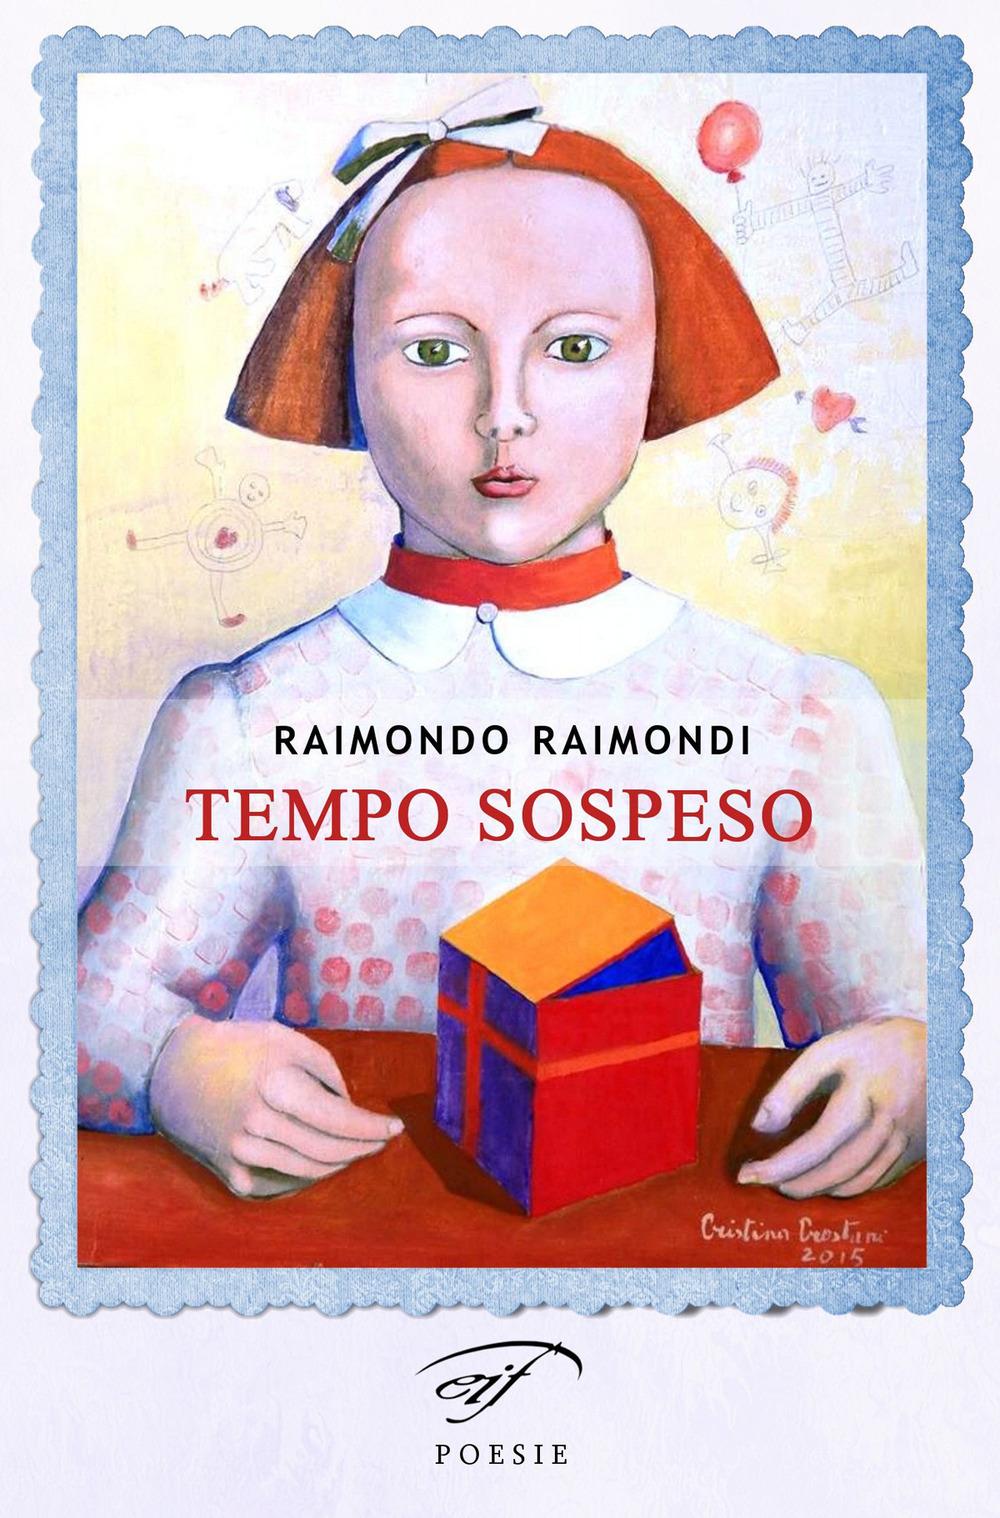 Image of Tempo sospeso